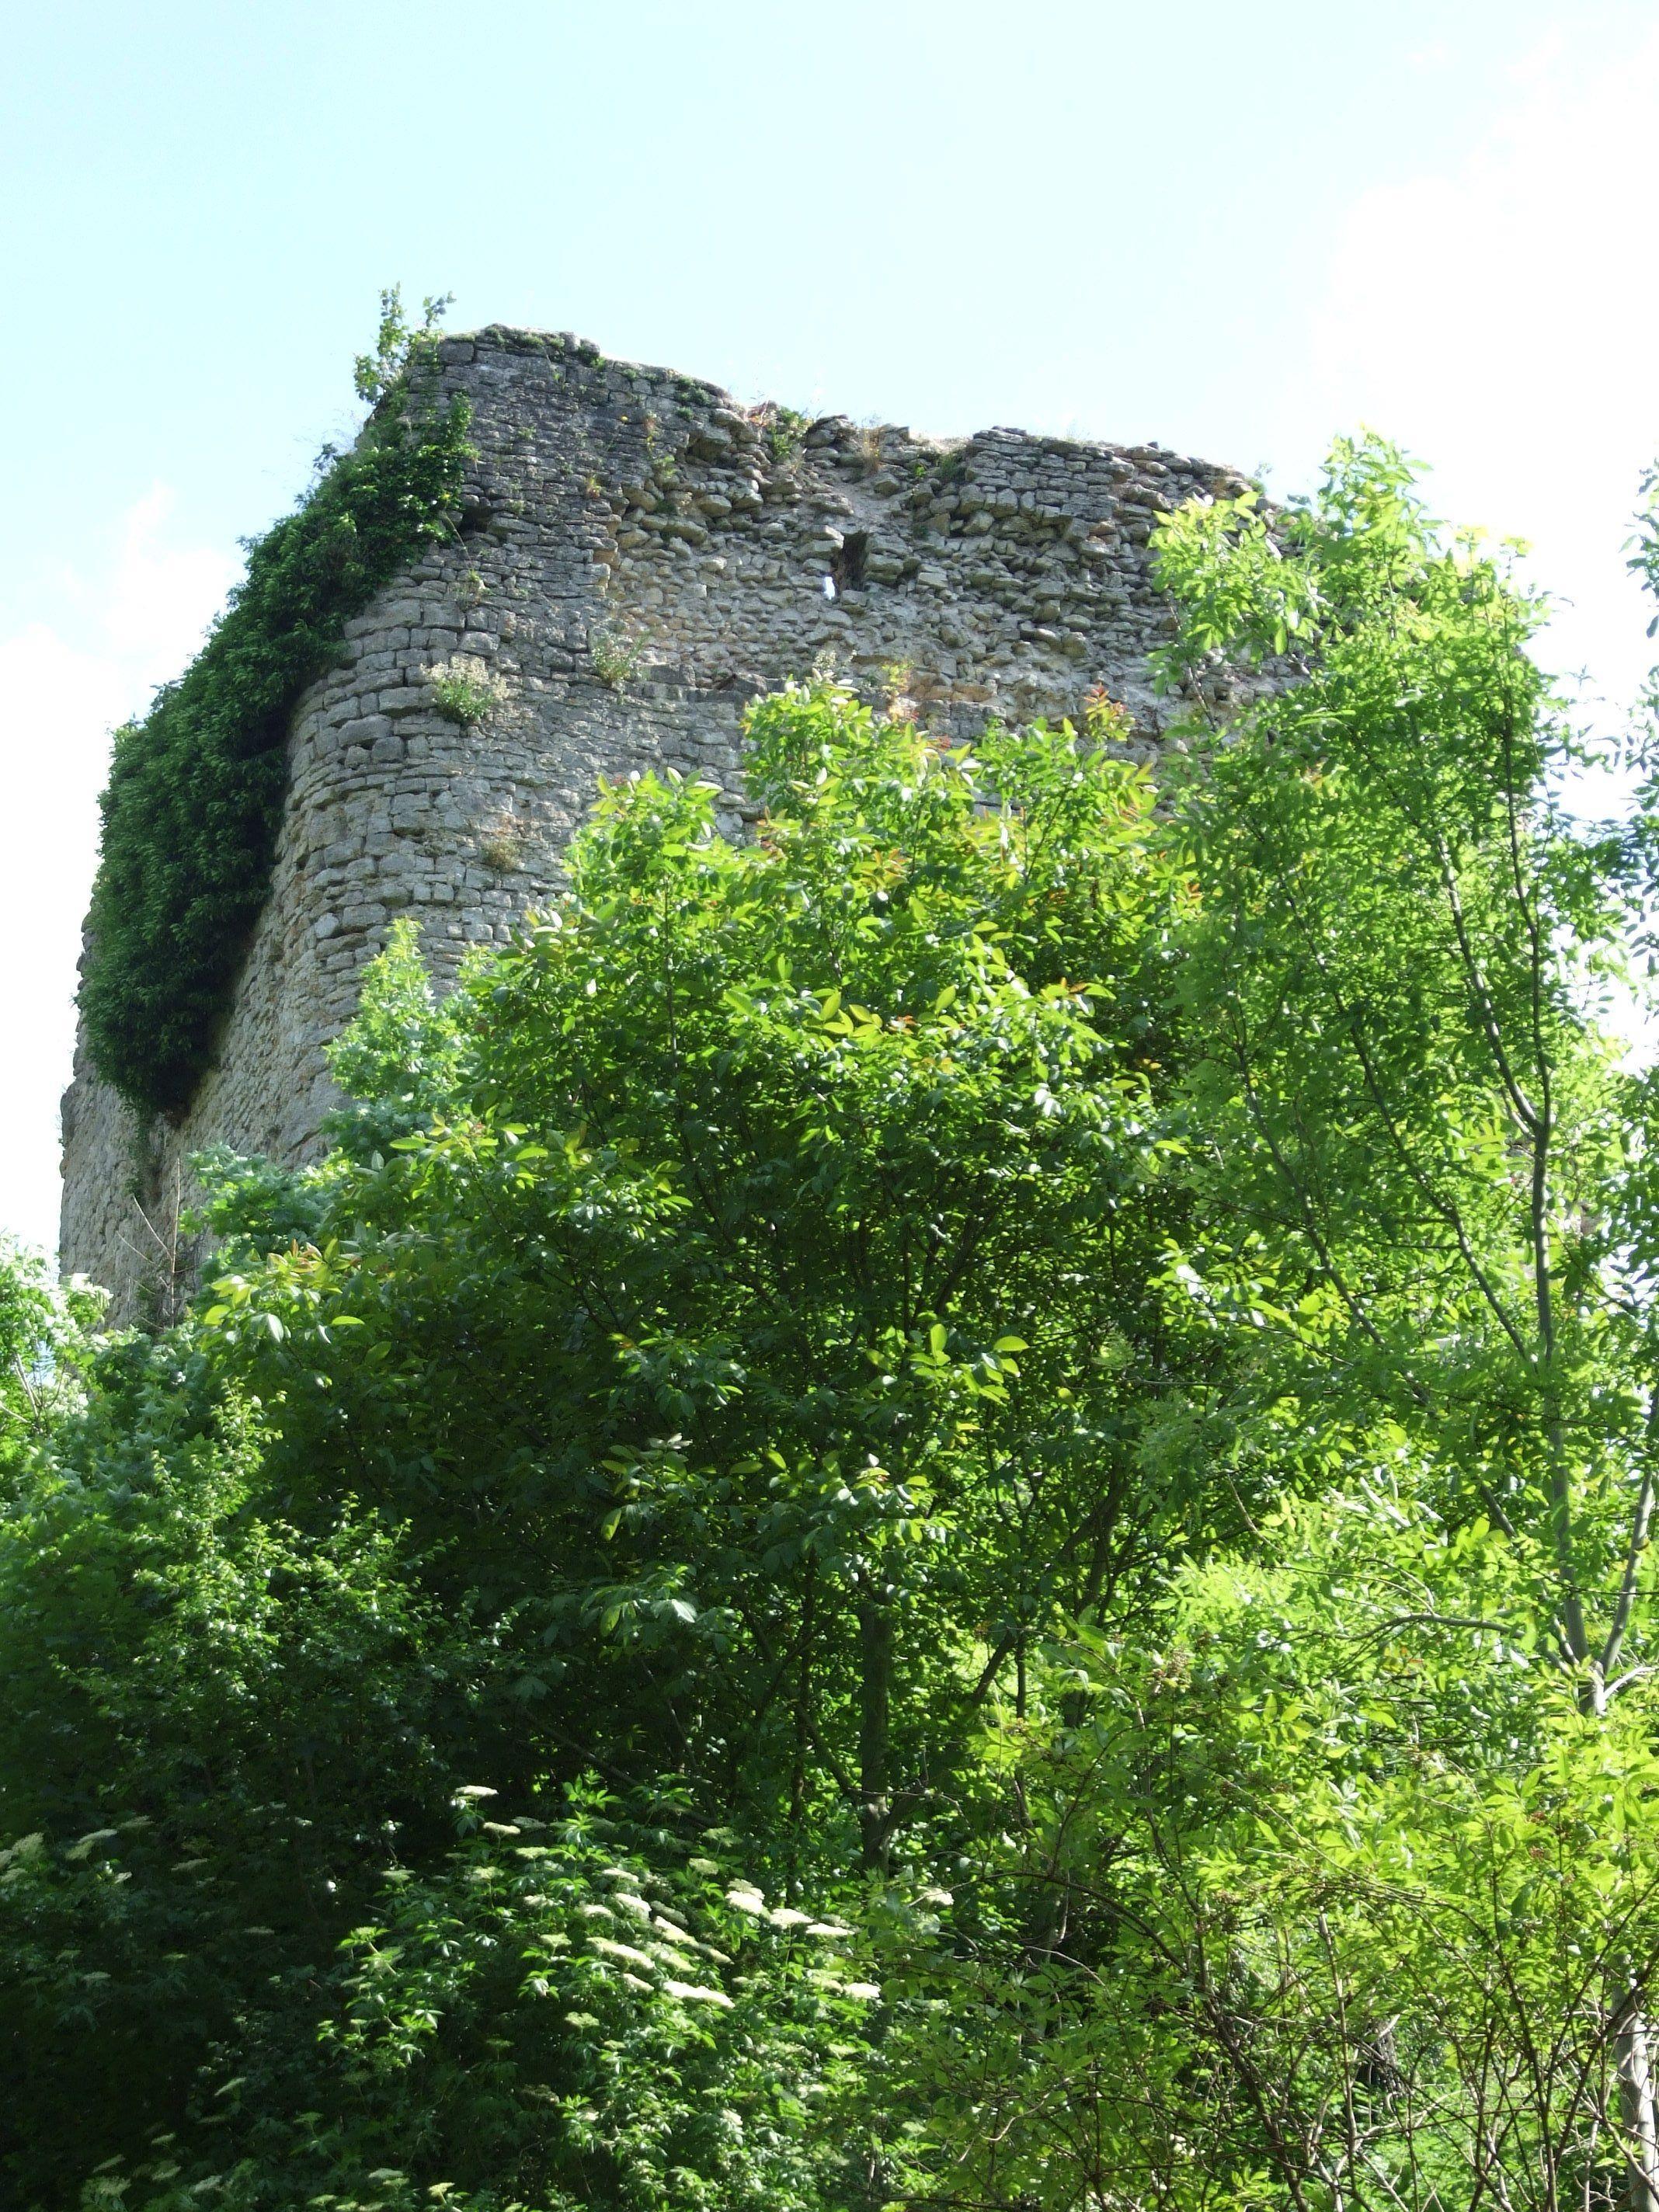 CIRCUIT PEDESTRE - CIRCULAIRE DE L'AULNOYE